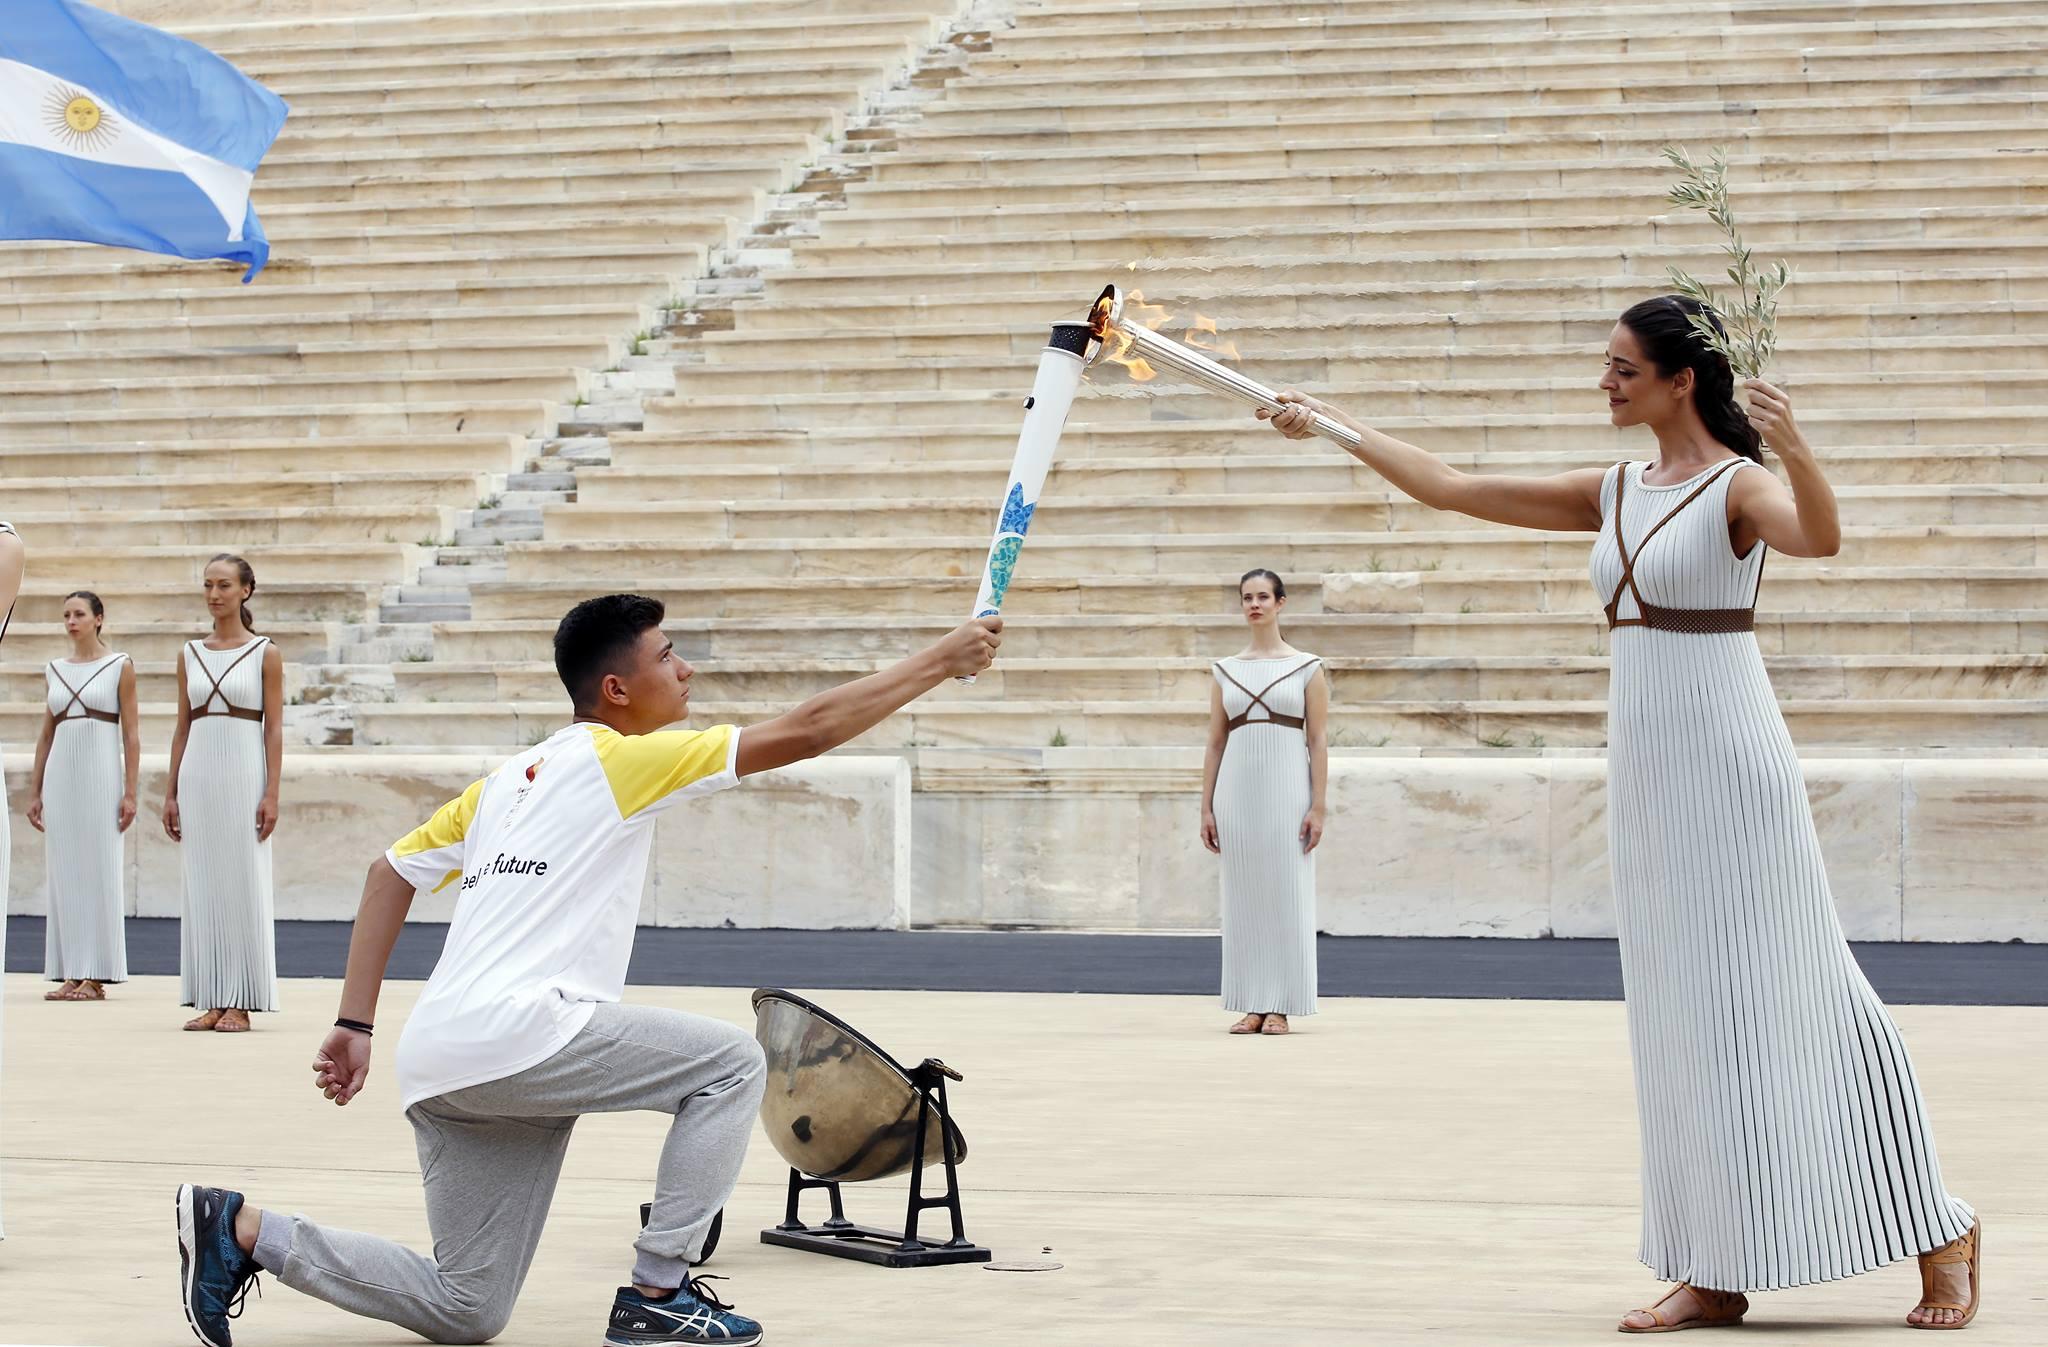 Афины_огонь_юношеская олимпиада